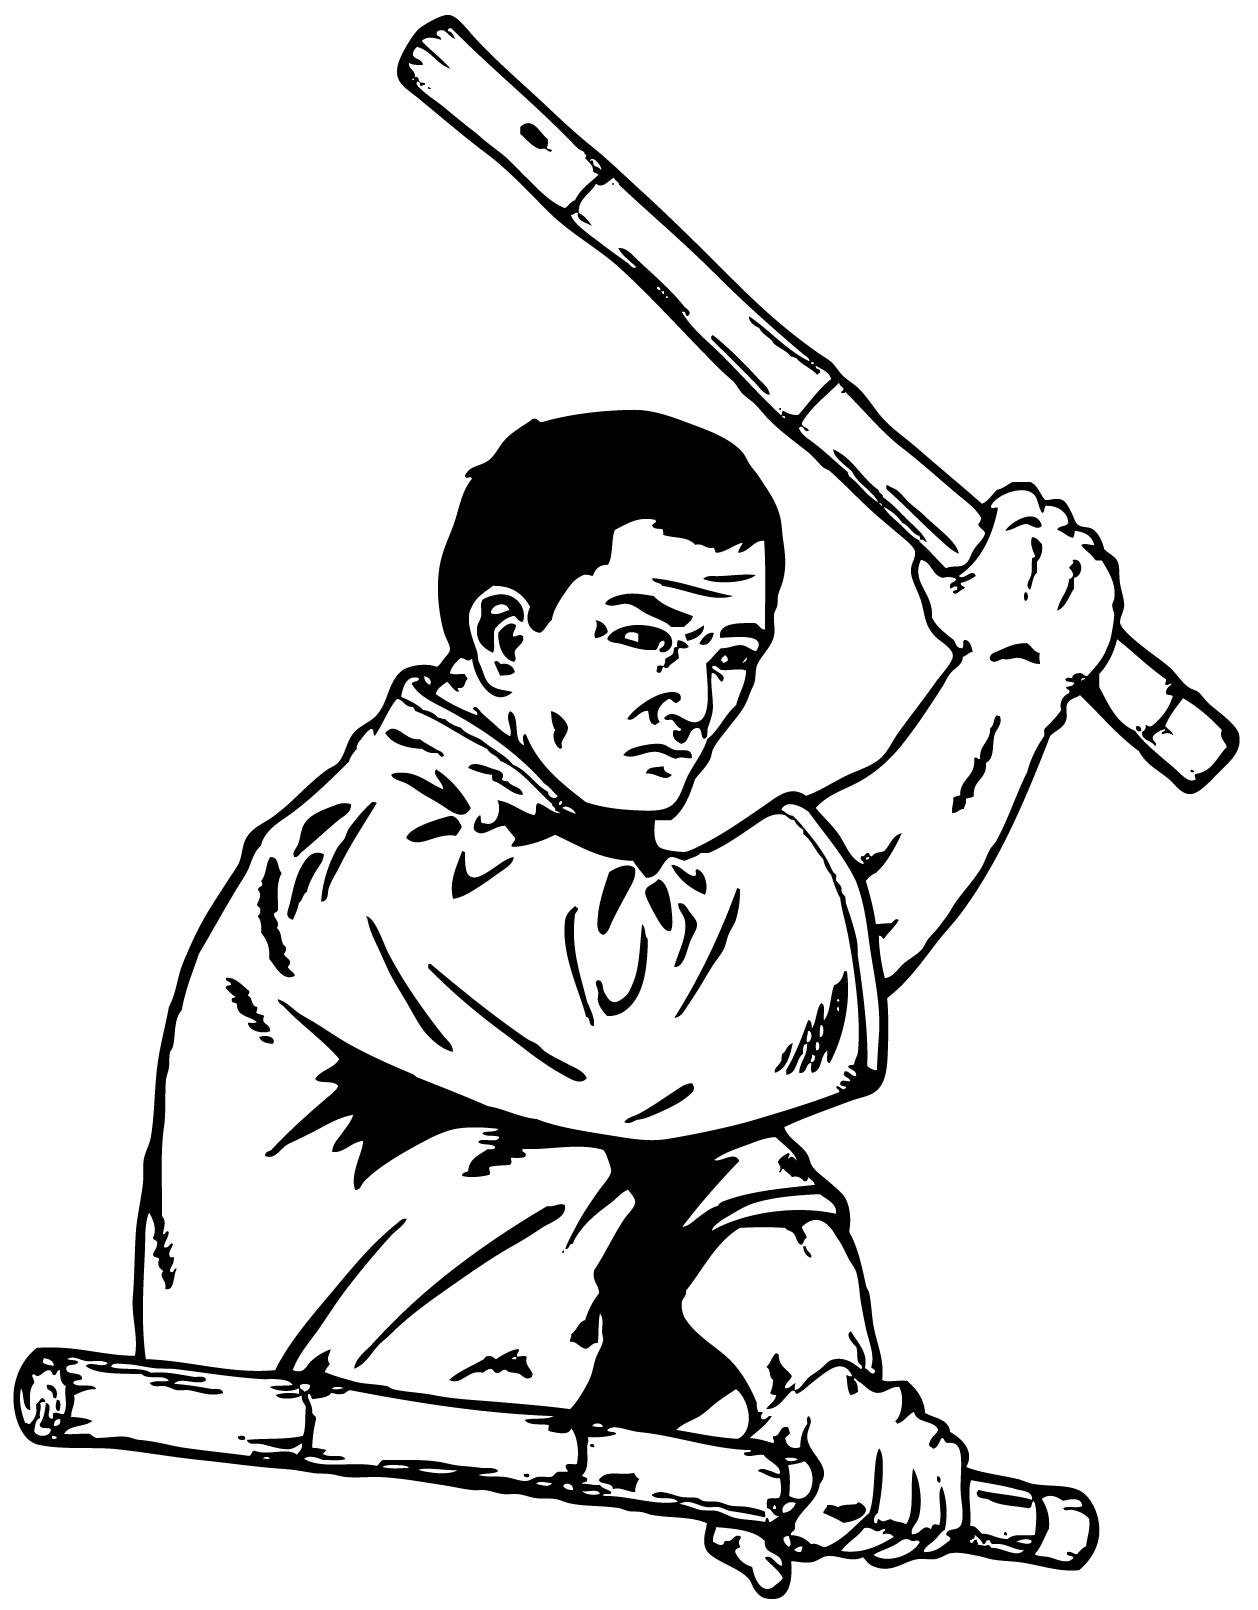 El arte marcial filipino Eskrima Filipina (del español esgrima), o arnis (en tagalo) -según la región de Filipinas- se basa en el uso de armas, sobre todo unos bastones de […]